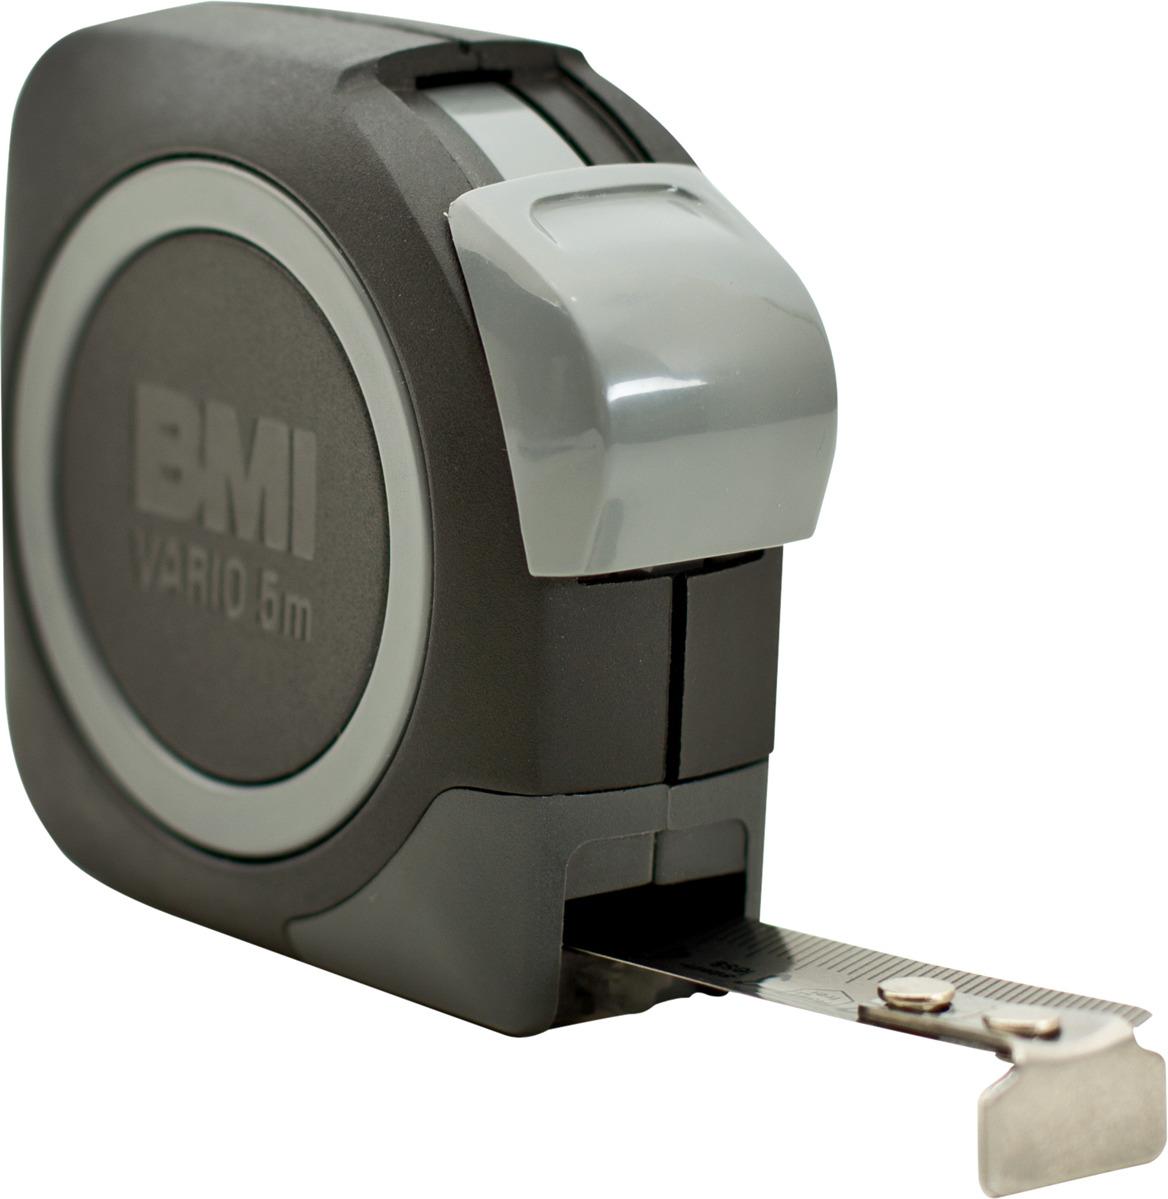 Измерительная рулетка BMI Vario Rostfrei, 411543120, 5 м